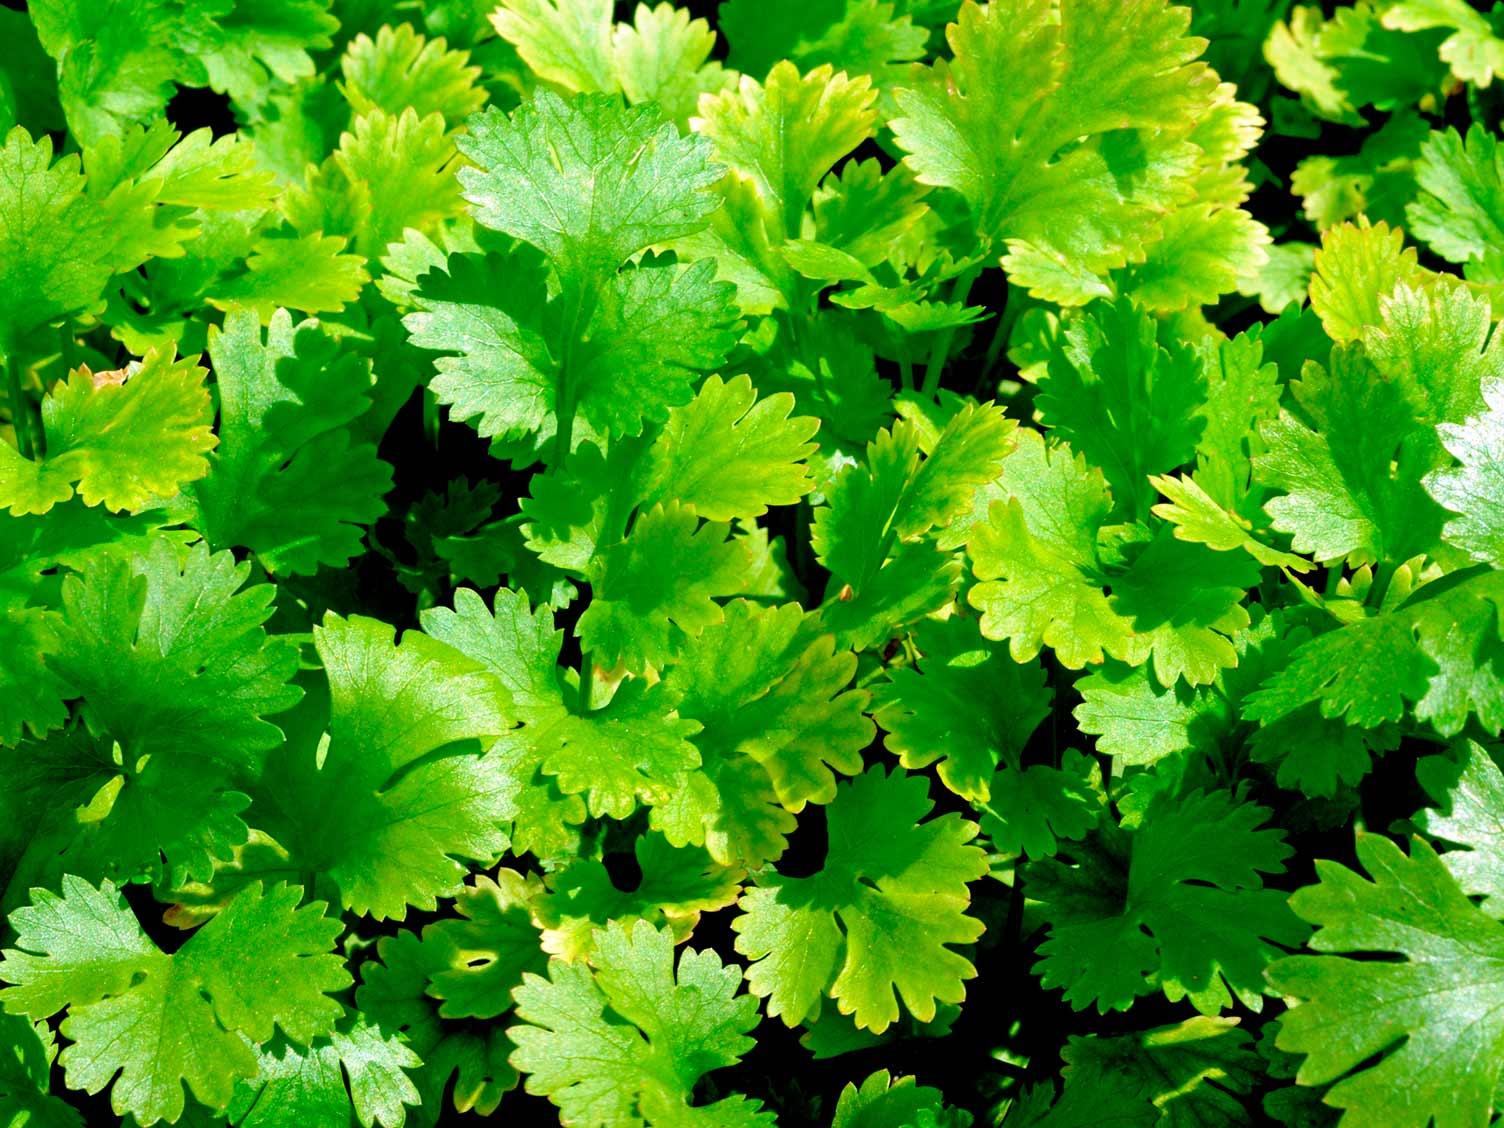 La coriandre, plante magique aux multiples usages